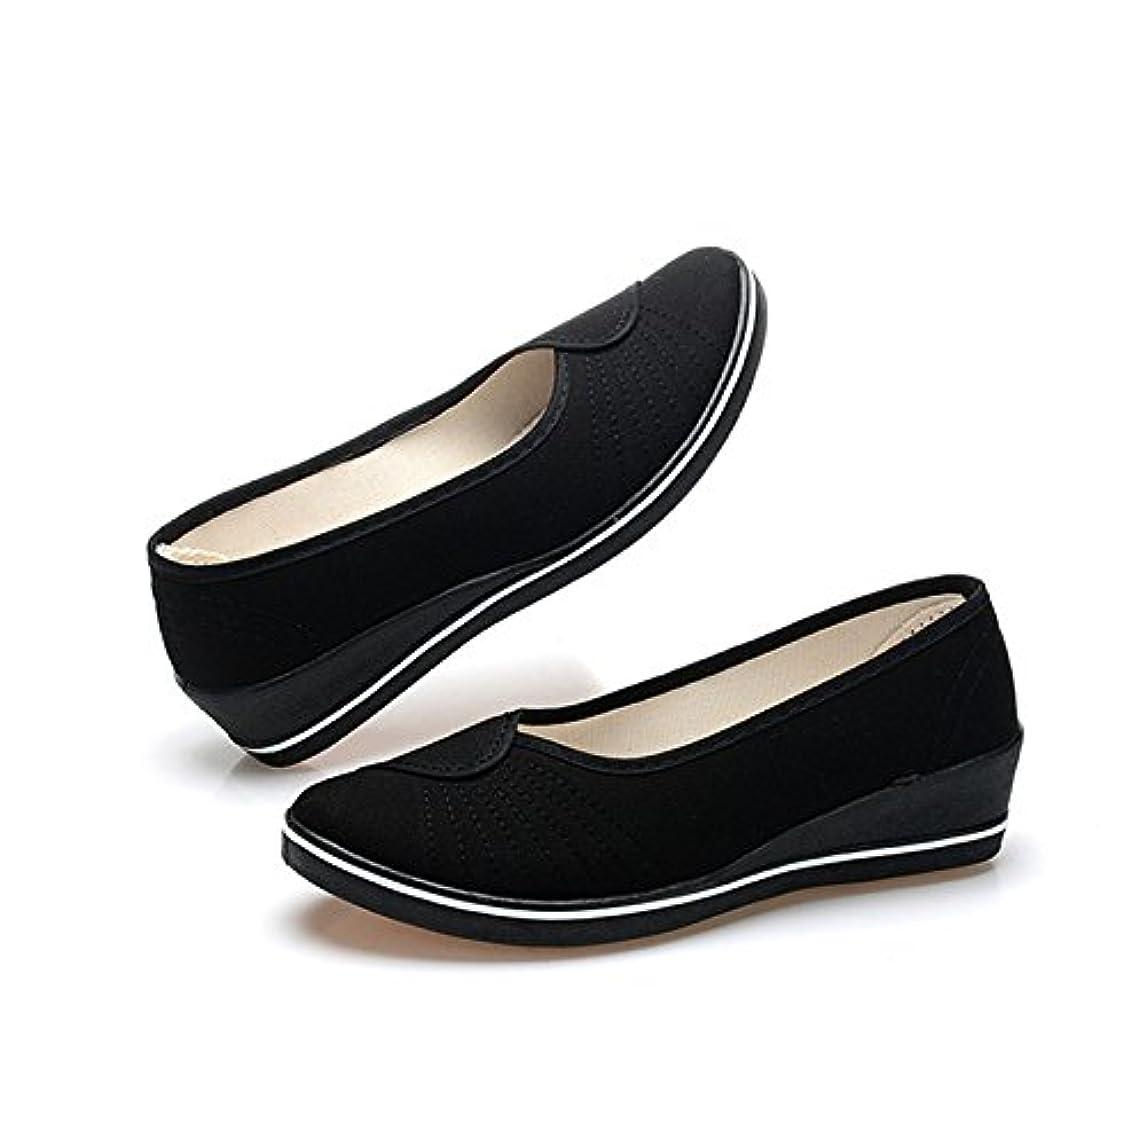 聖域酸化物再開看護師 靴 フラットシューズレディース ナースシューズ スニーカー 疲れにくい 通気性 すべり防止 履きやすい 安全靴